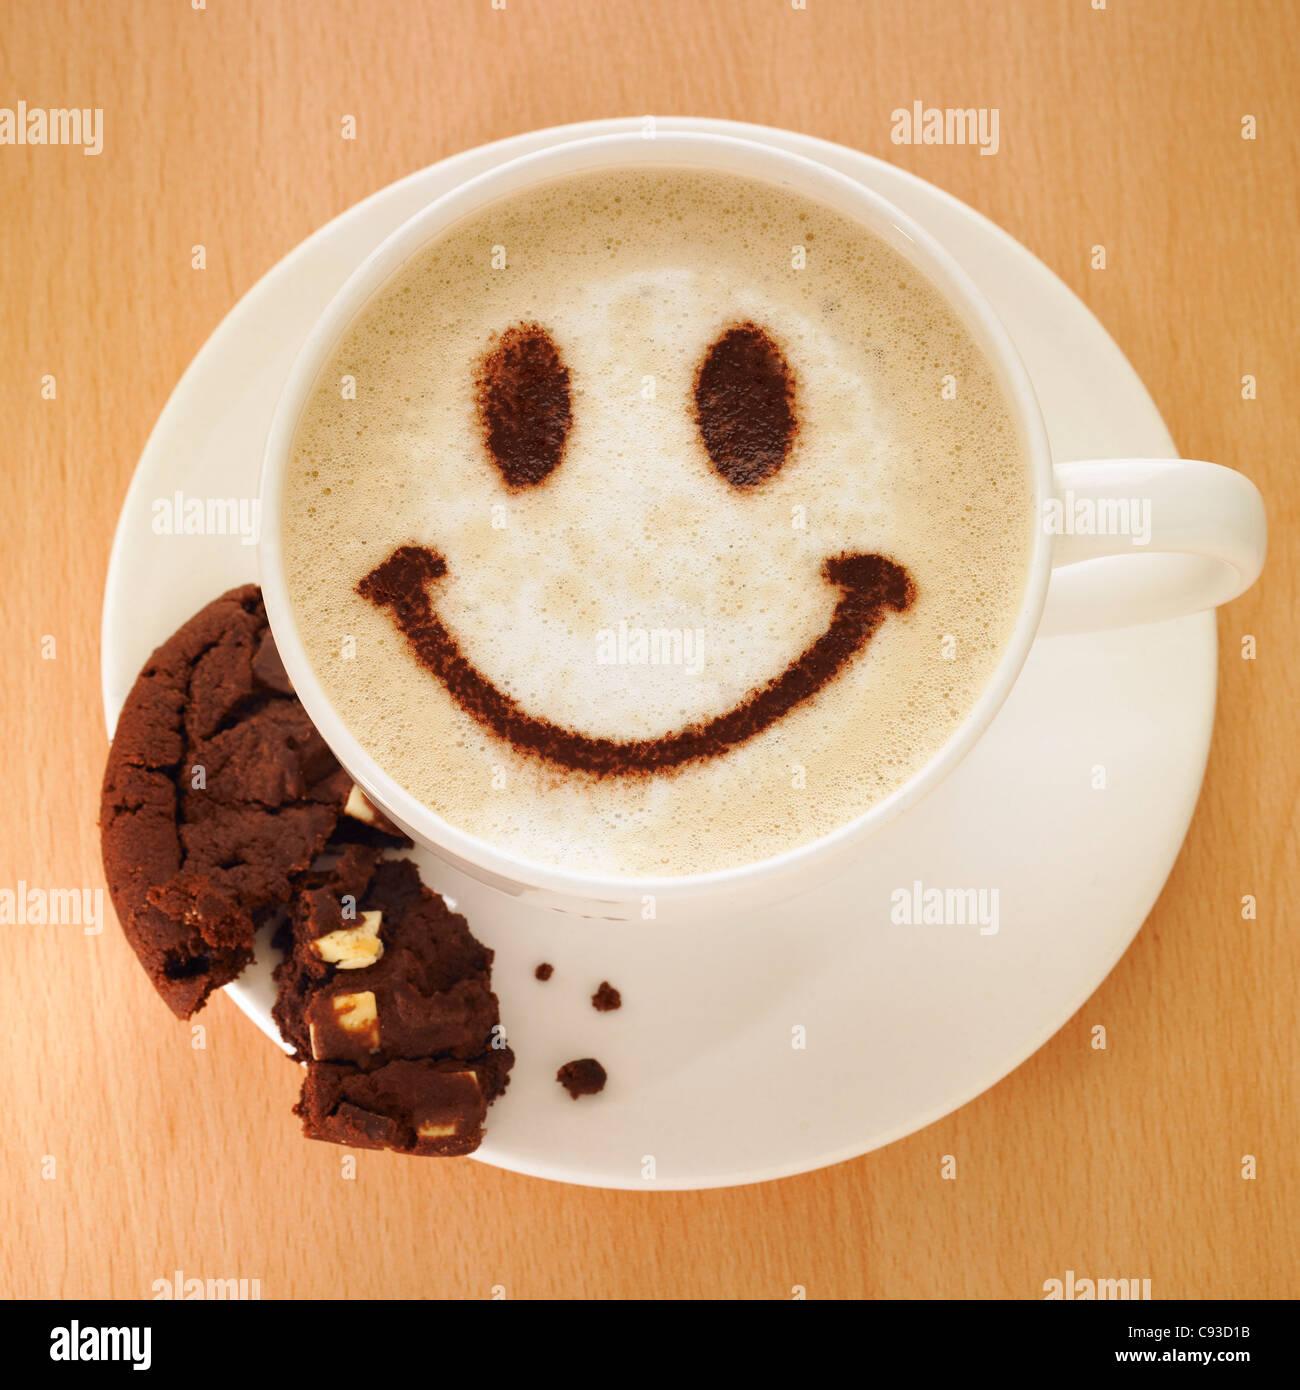 Cappuccino Kaffee Mit Smiley Gesicht In Kakaopulver Und